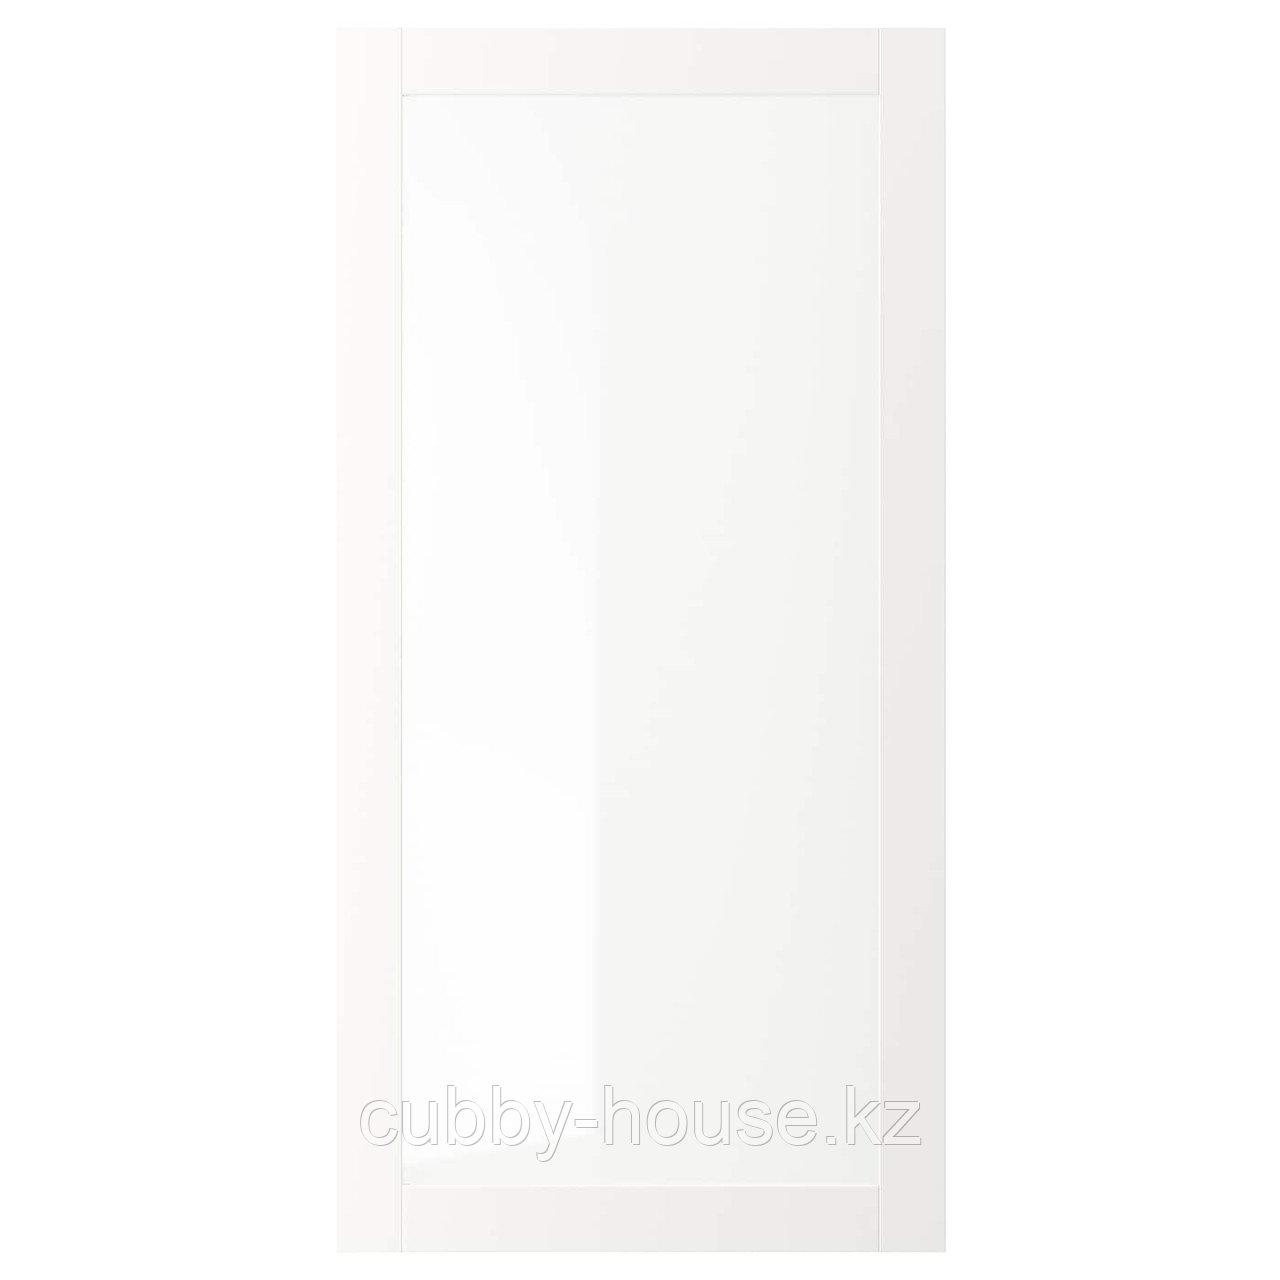 ВЭРД Стеклянная дверь, белый, 60x40 см